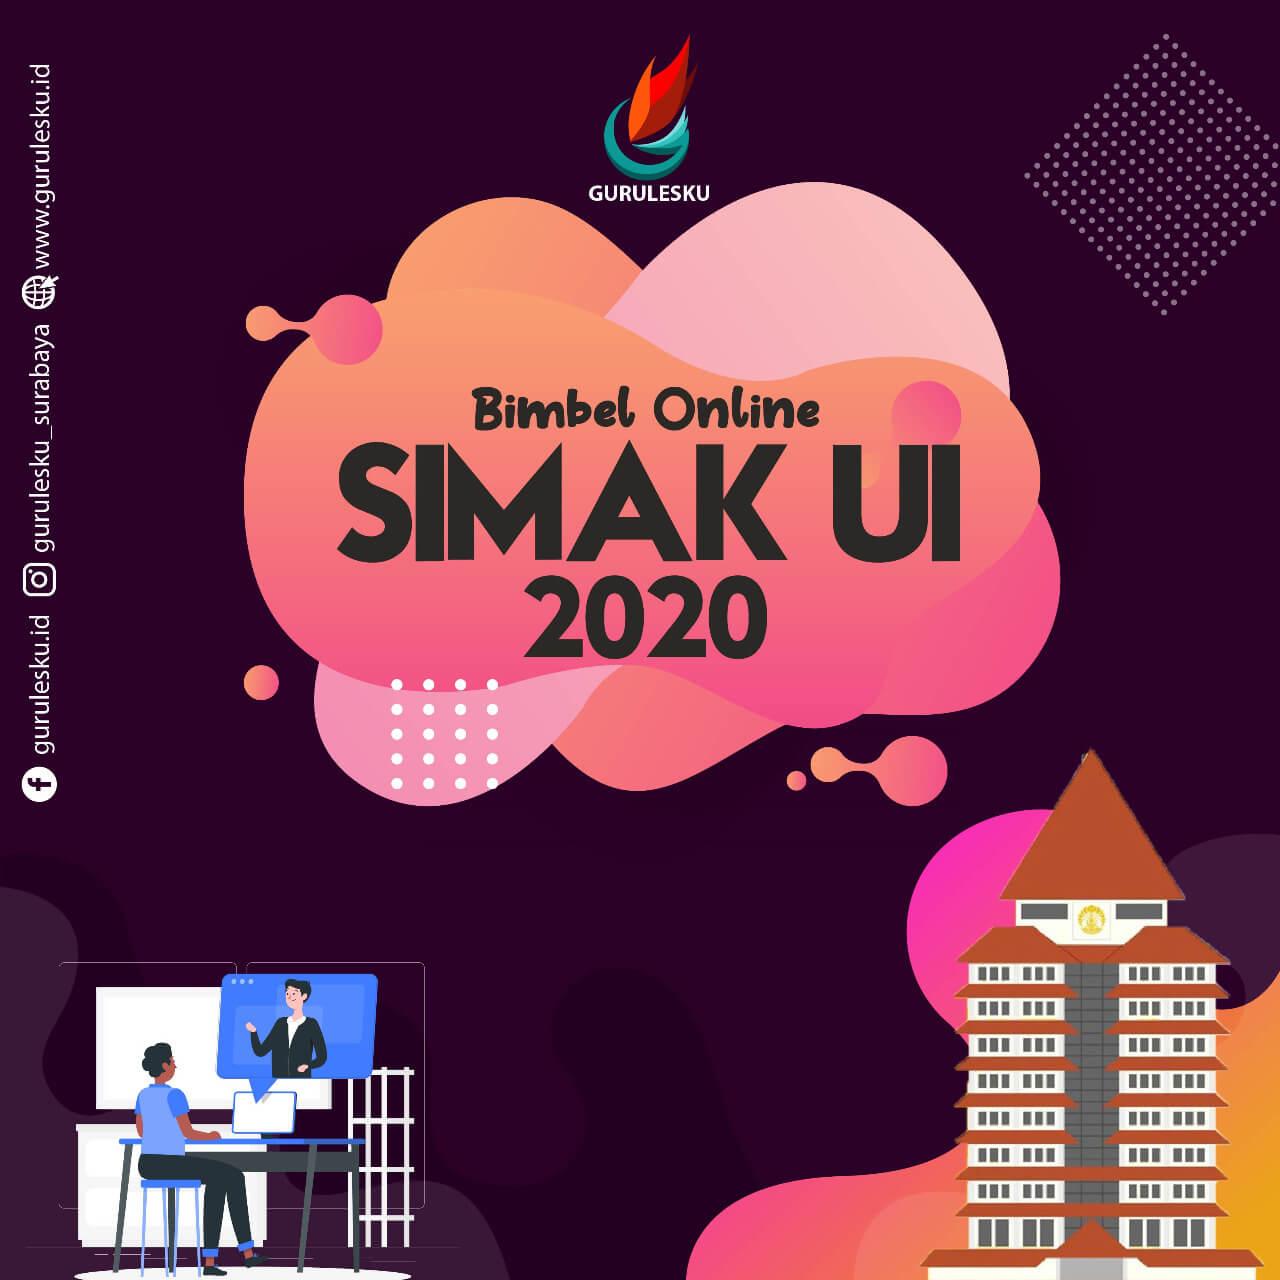 Bimbel Online SIMAK UI Surabaya 2020